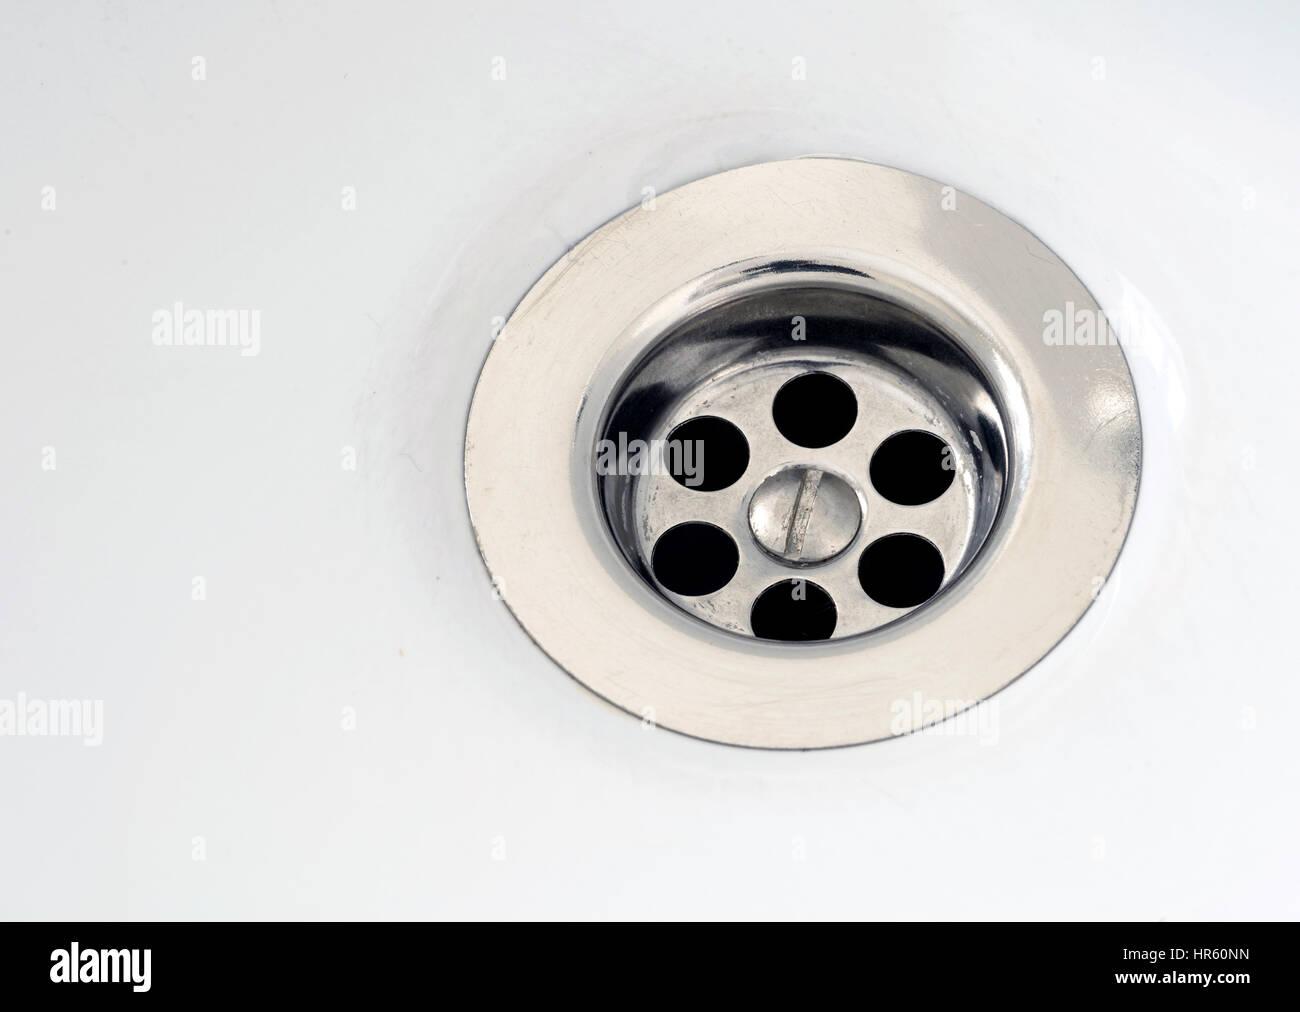 Waschbecken Abfluss Kaufen Latest Baumstamm Kaufen Leipzig Schne